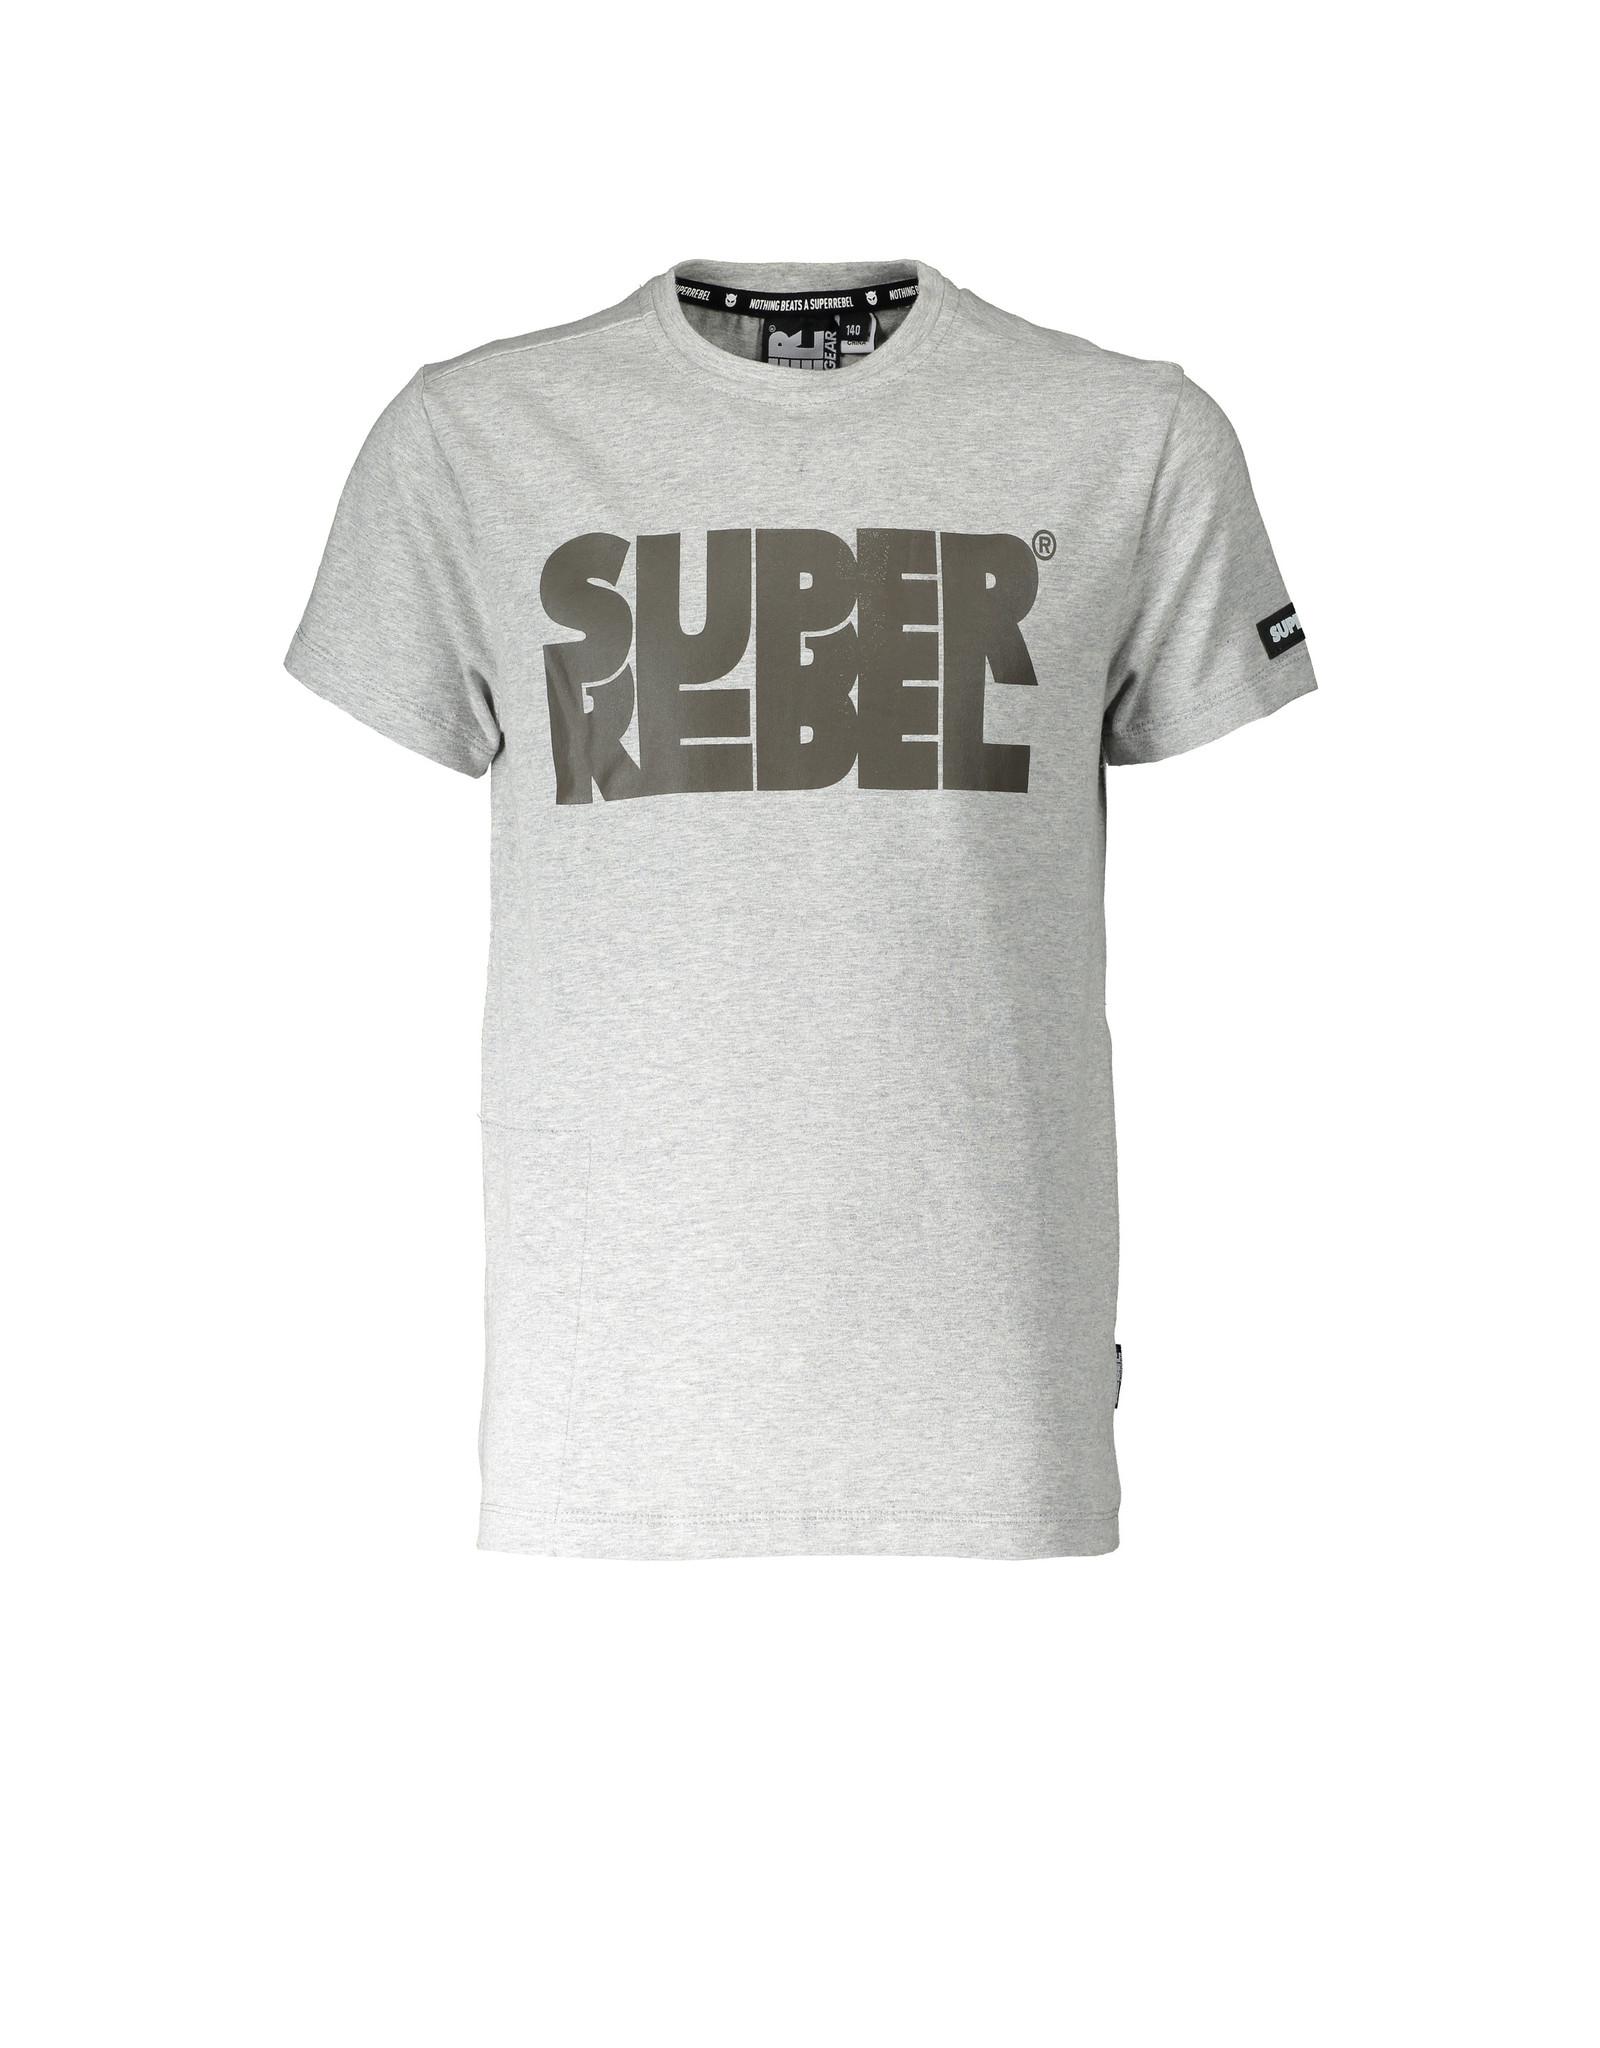 Super Rebel SuperRebel T-shirt Grey Melee